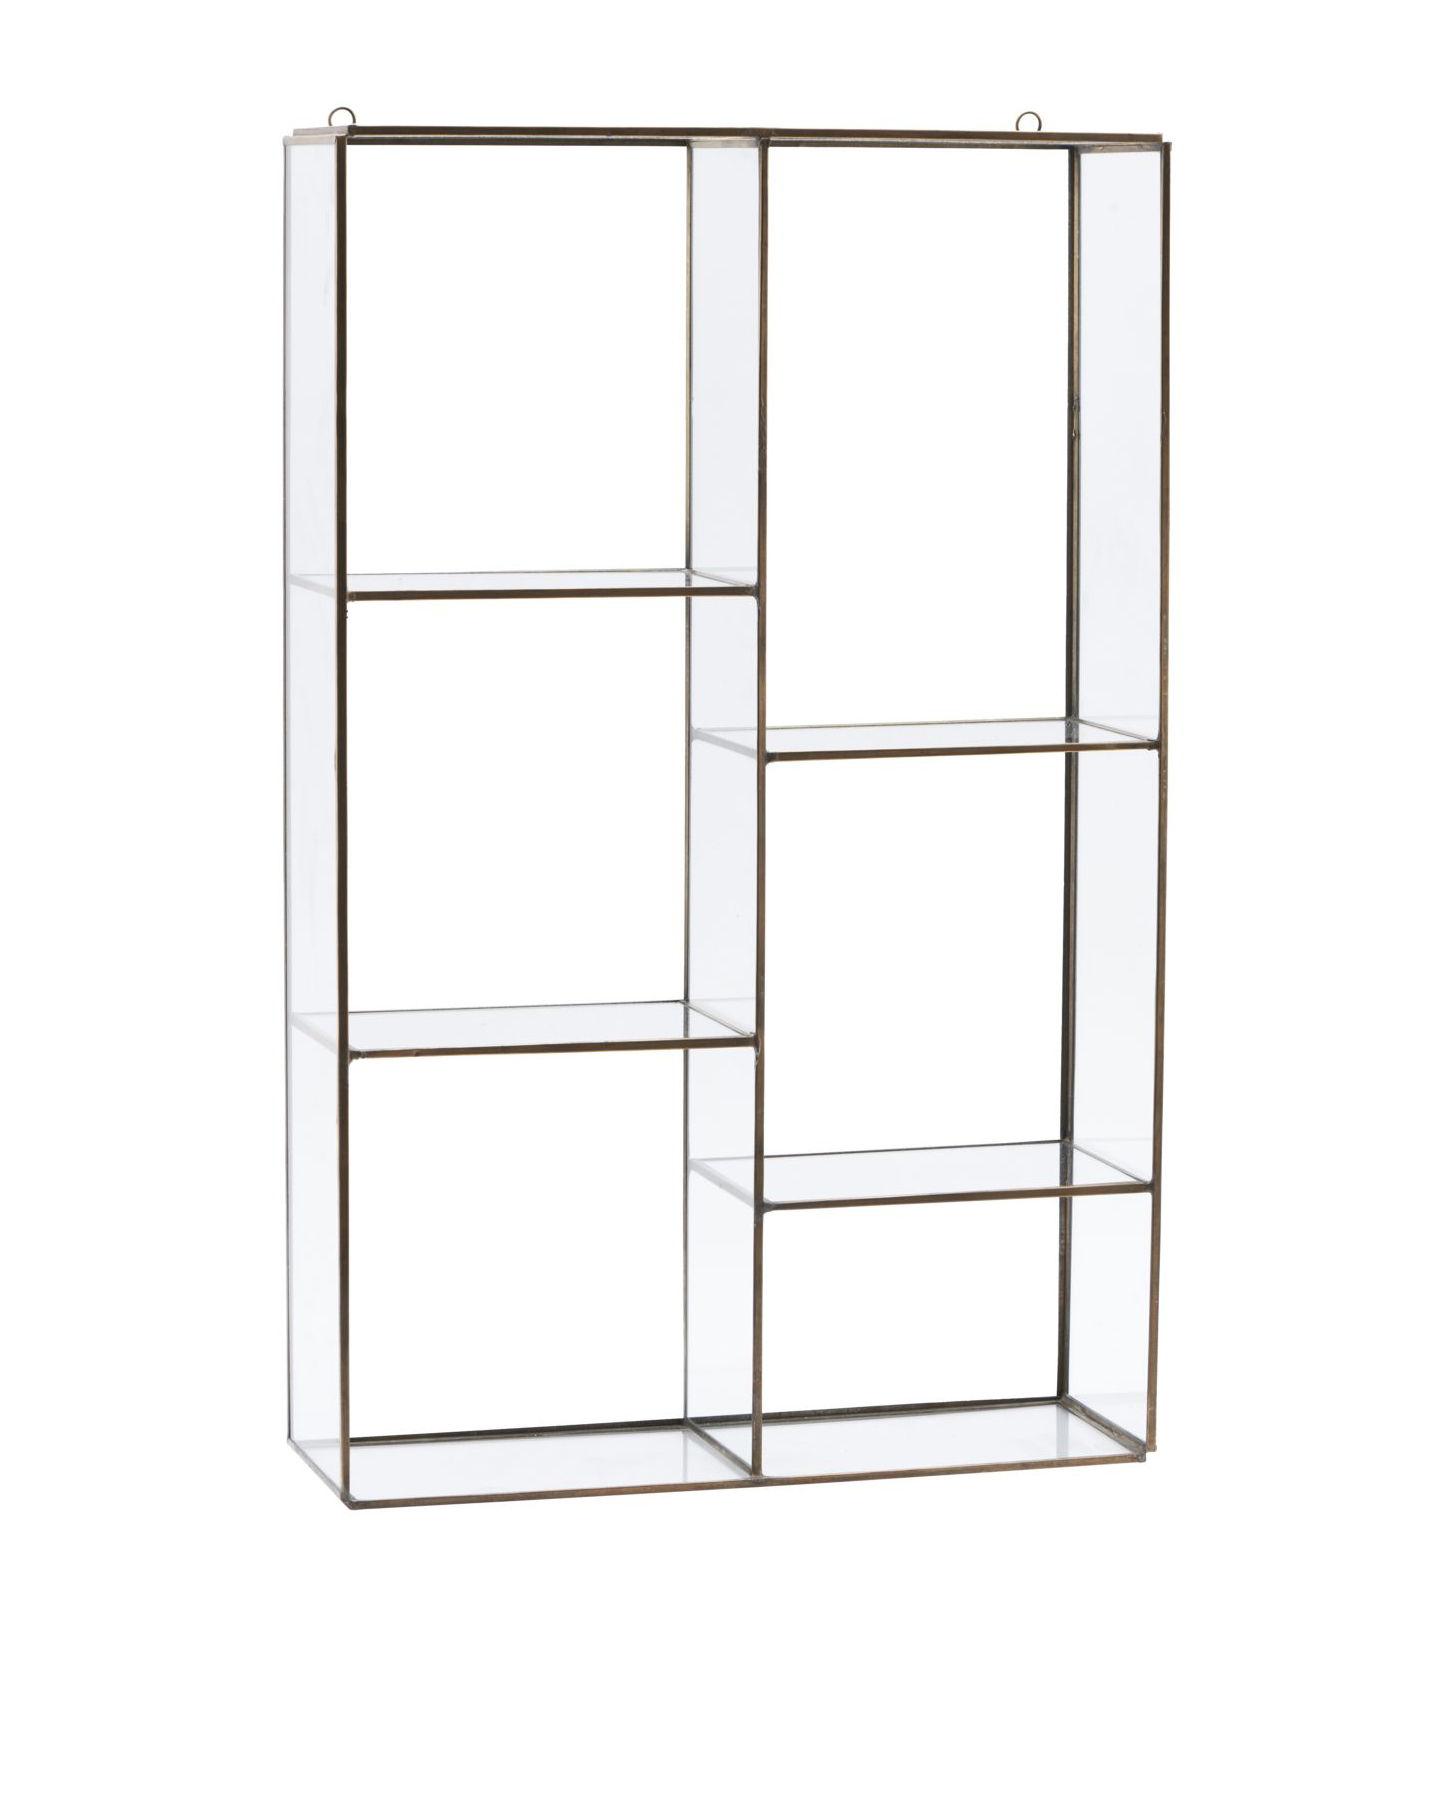 Arredamento - Scaffali e librerie - Scaffale Keeper Large - / H 52 x L 33 cm di House Doctor - Large / Ottone - Metallo, Vetro